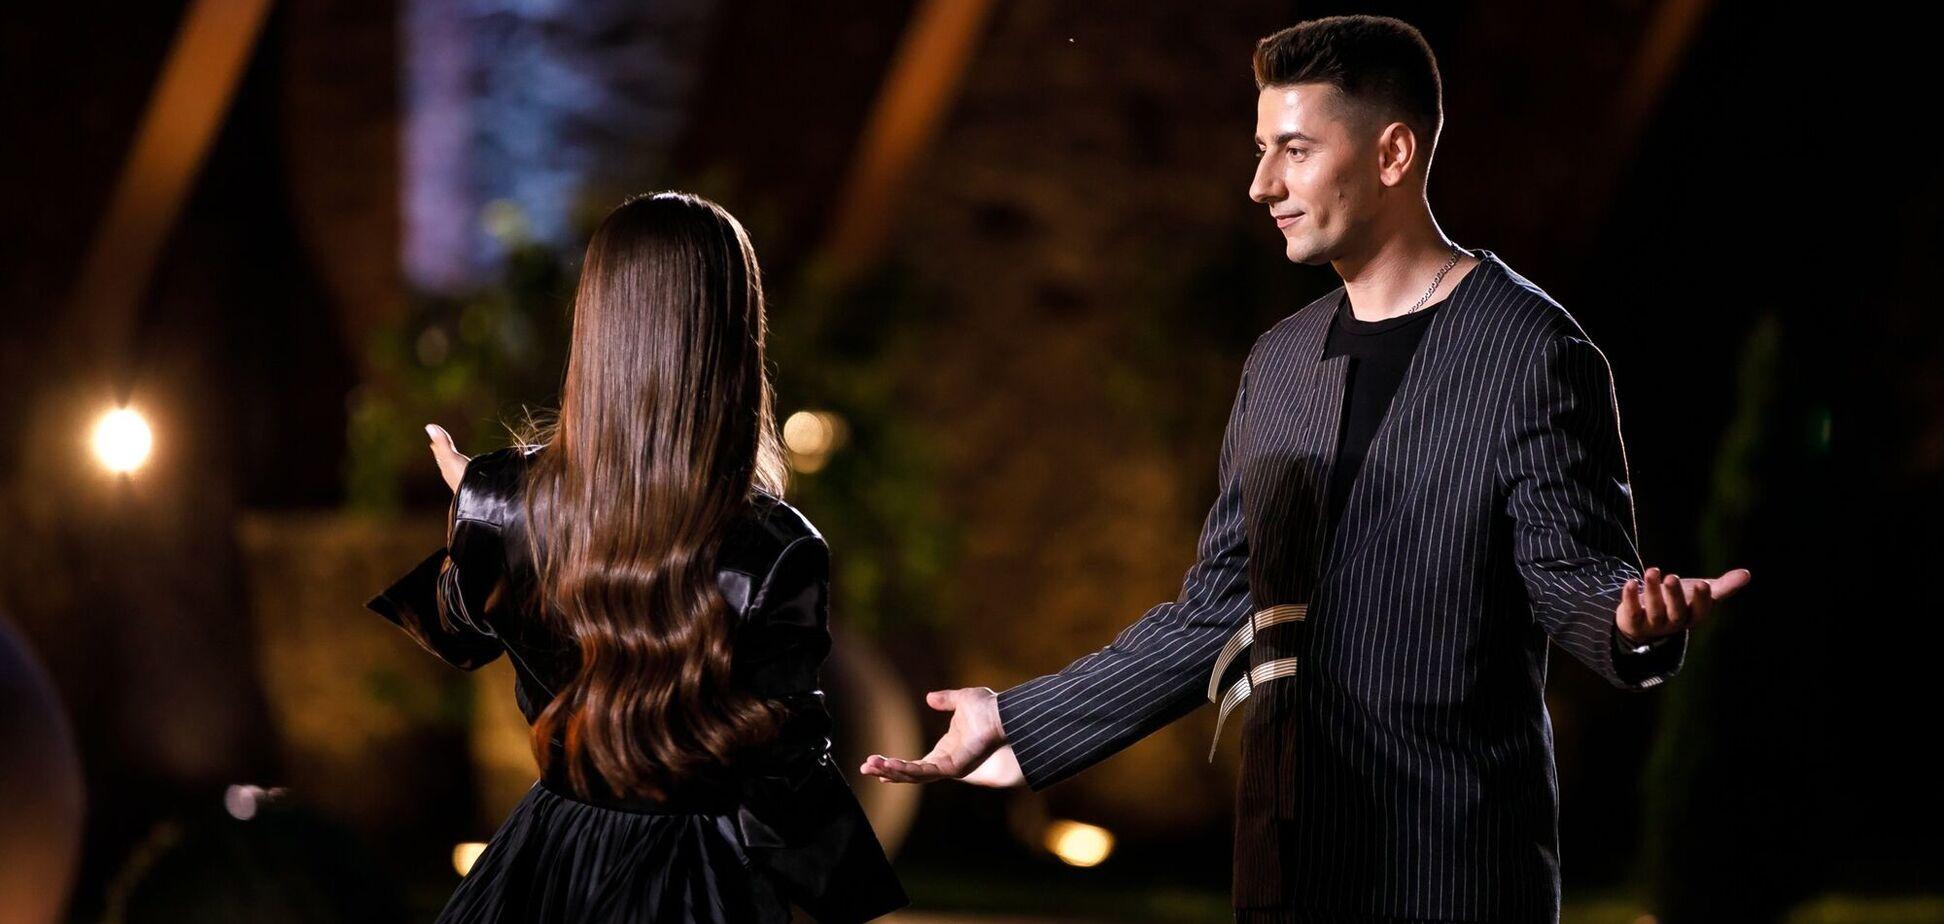 На шоу 'Холостячка' відбувся перший поцілунок: хто з учасників став 'щасливчиком'